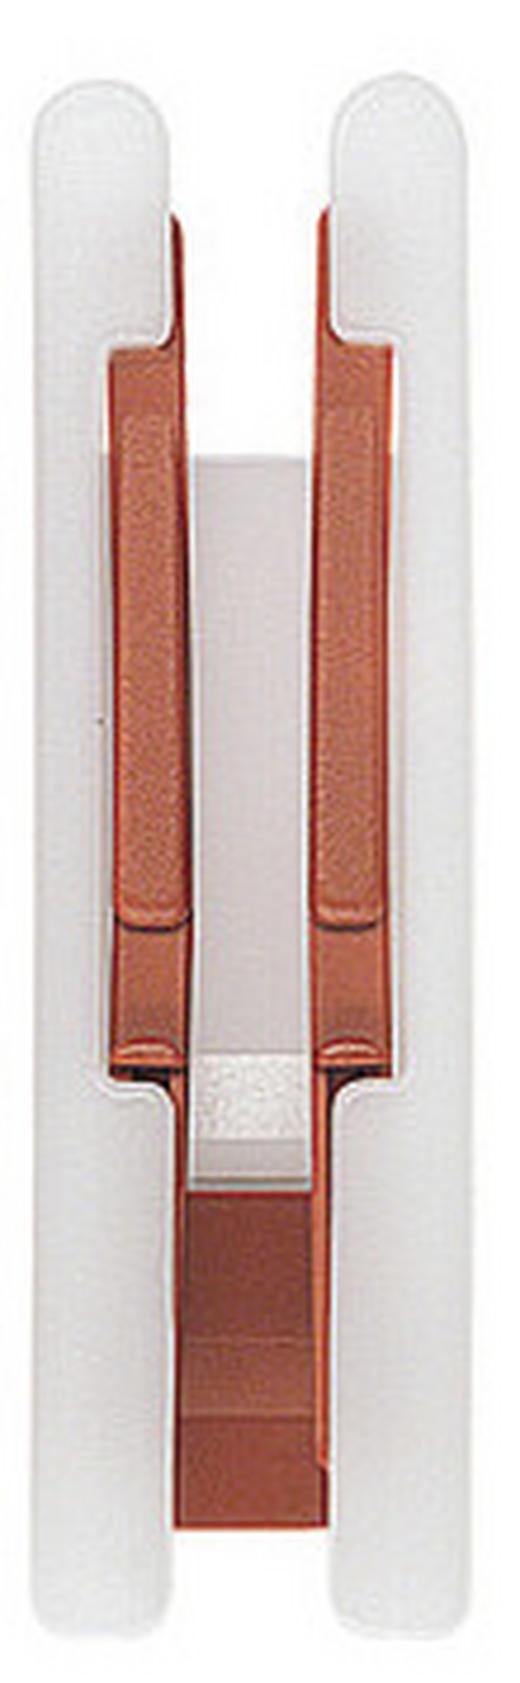 LIFTSCHLEUSE - Braun/Weiß, Basics, Kunststoff (1.8/6.5cm) - Homeware